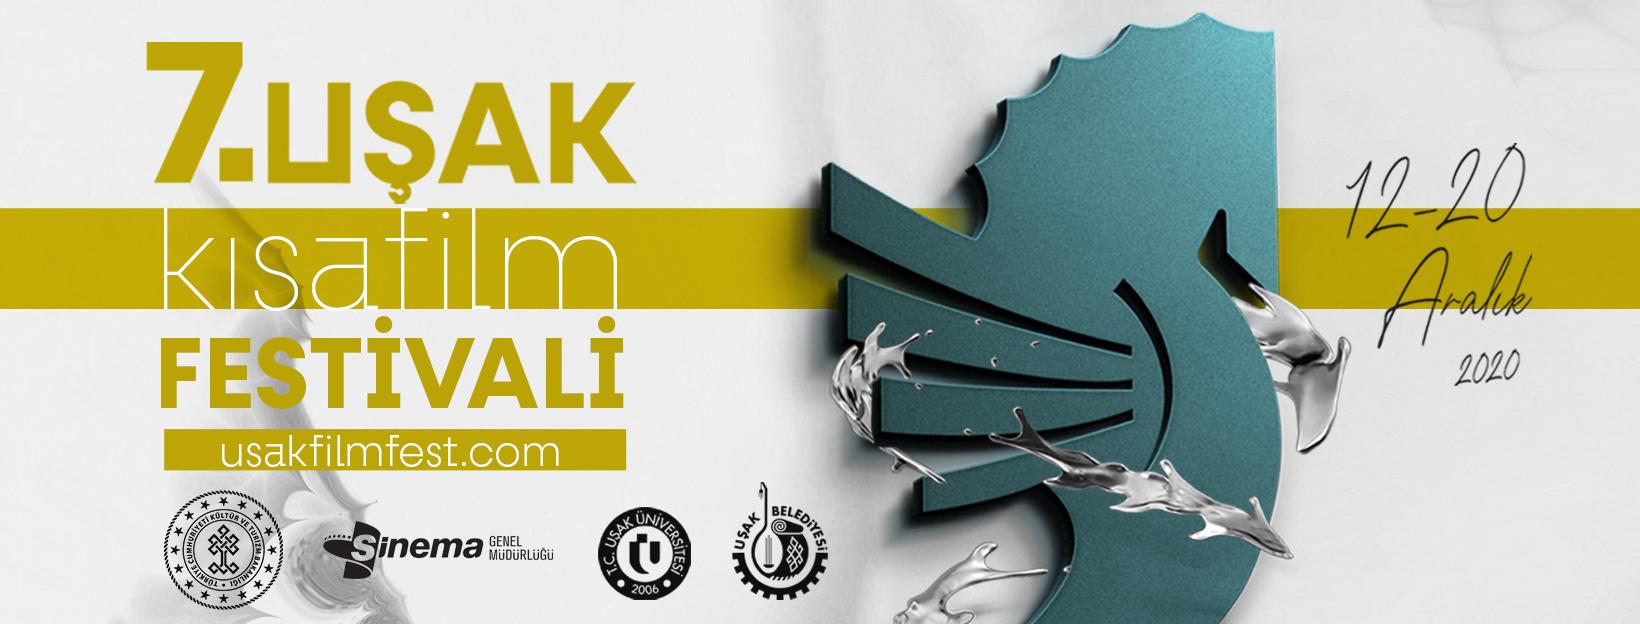 7. Uluslararası Uşak Kısa Film Festivali'nin Finalistleri, Jürisi ve Programı Belli Oldu